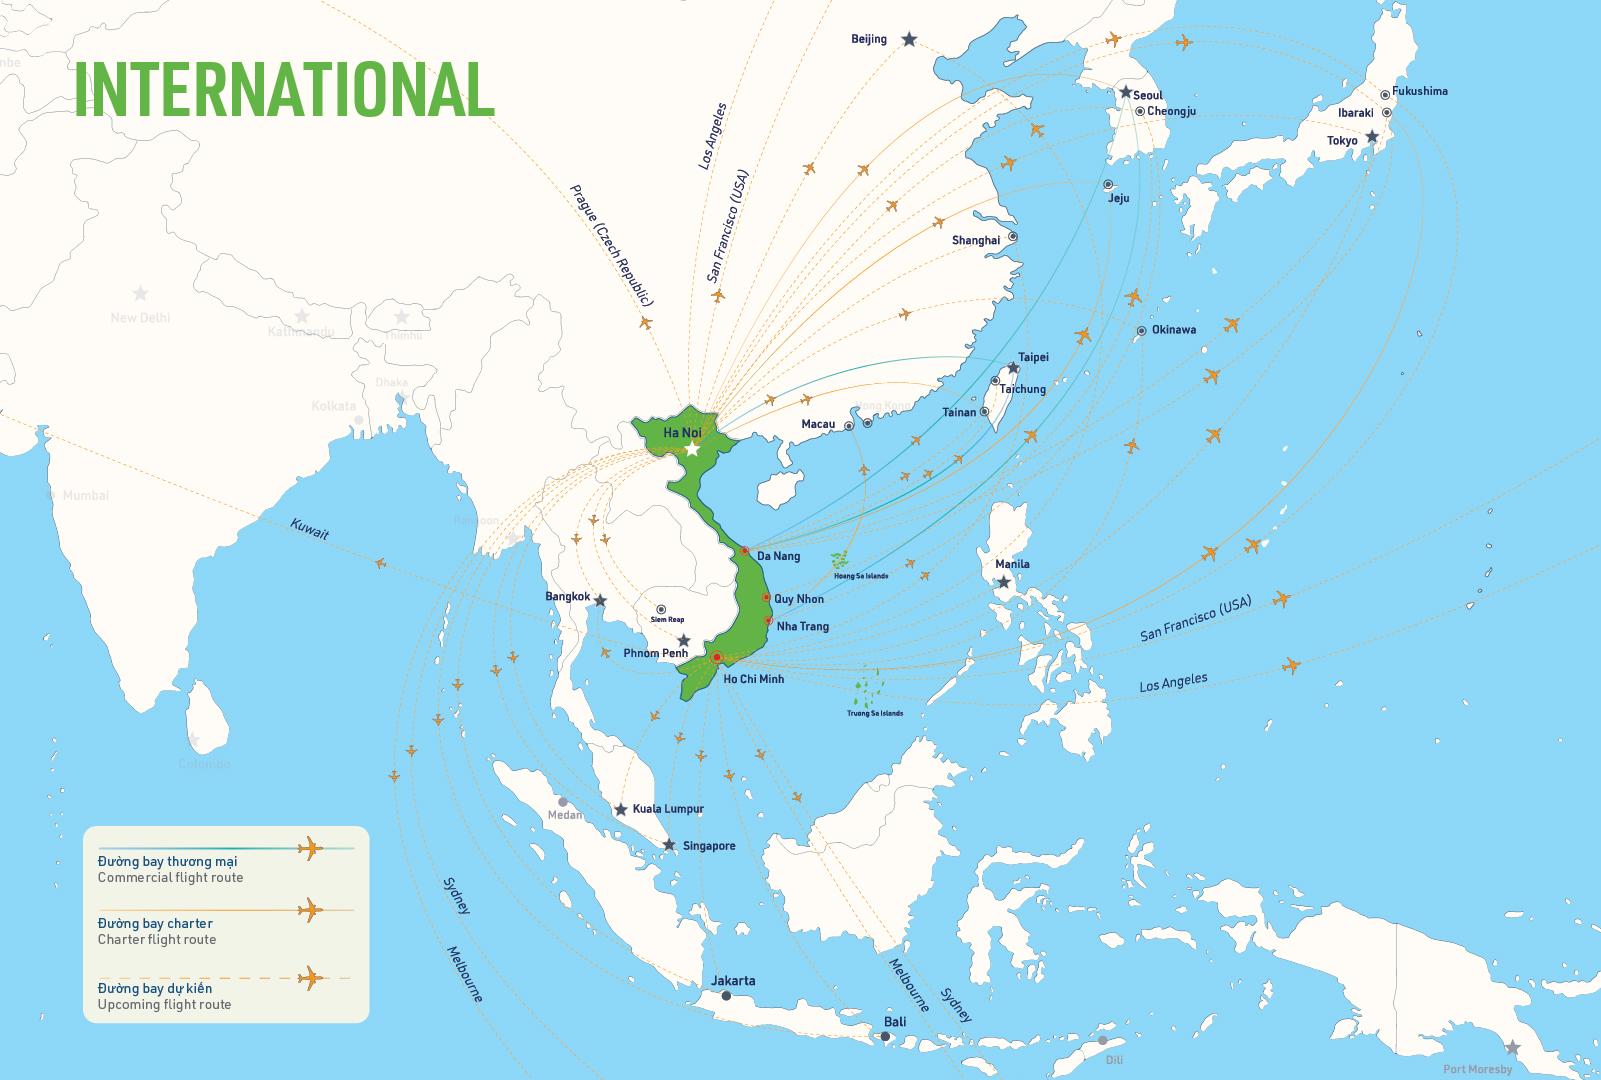 Mạng lưới đường bay quốc tế